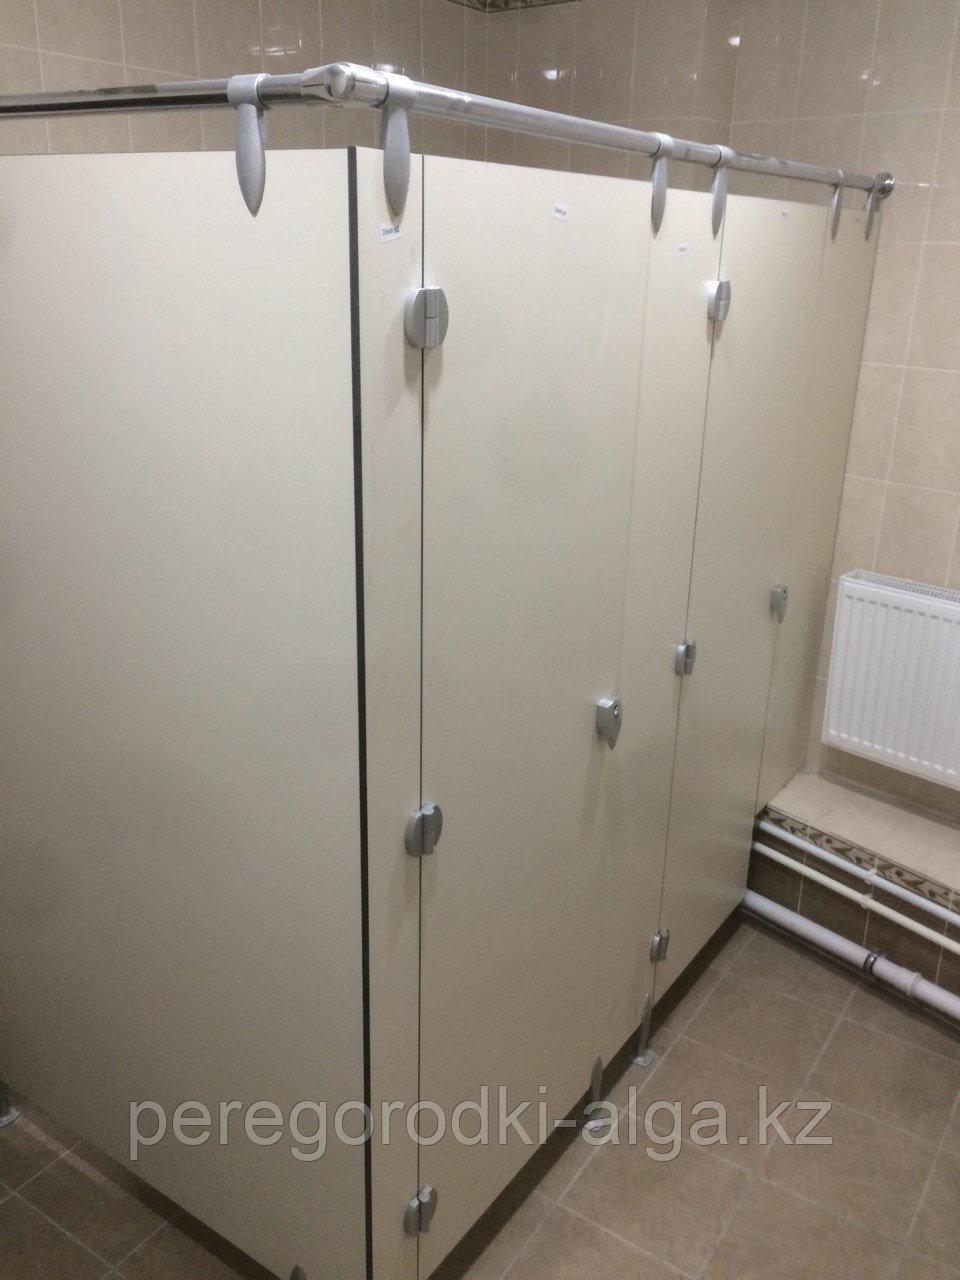 Туалетные перегородки сантехнические из HPL пластика 12 мм